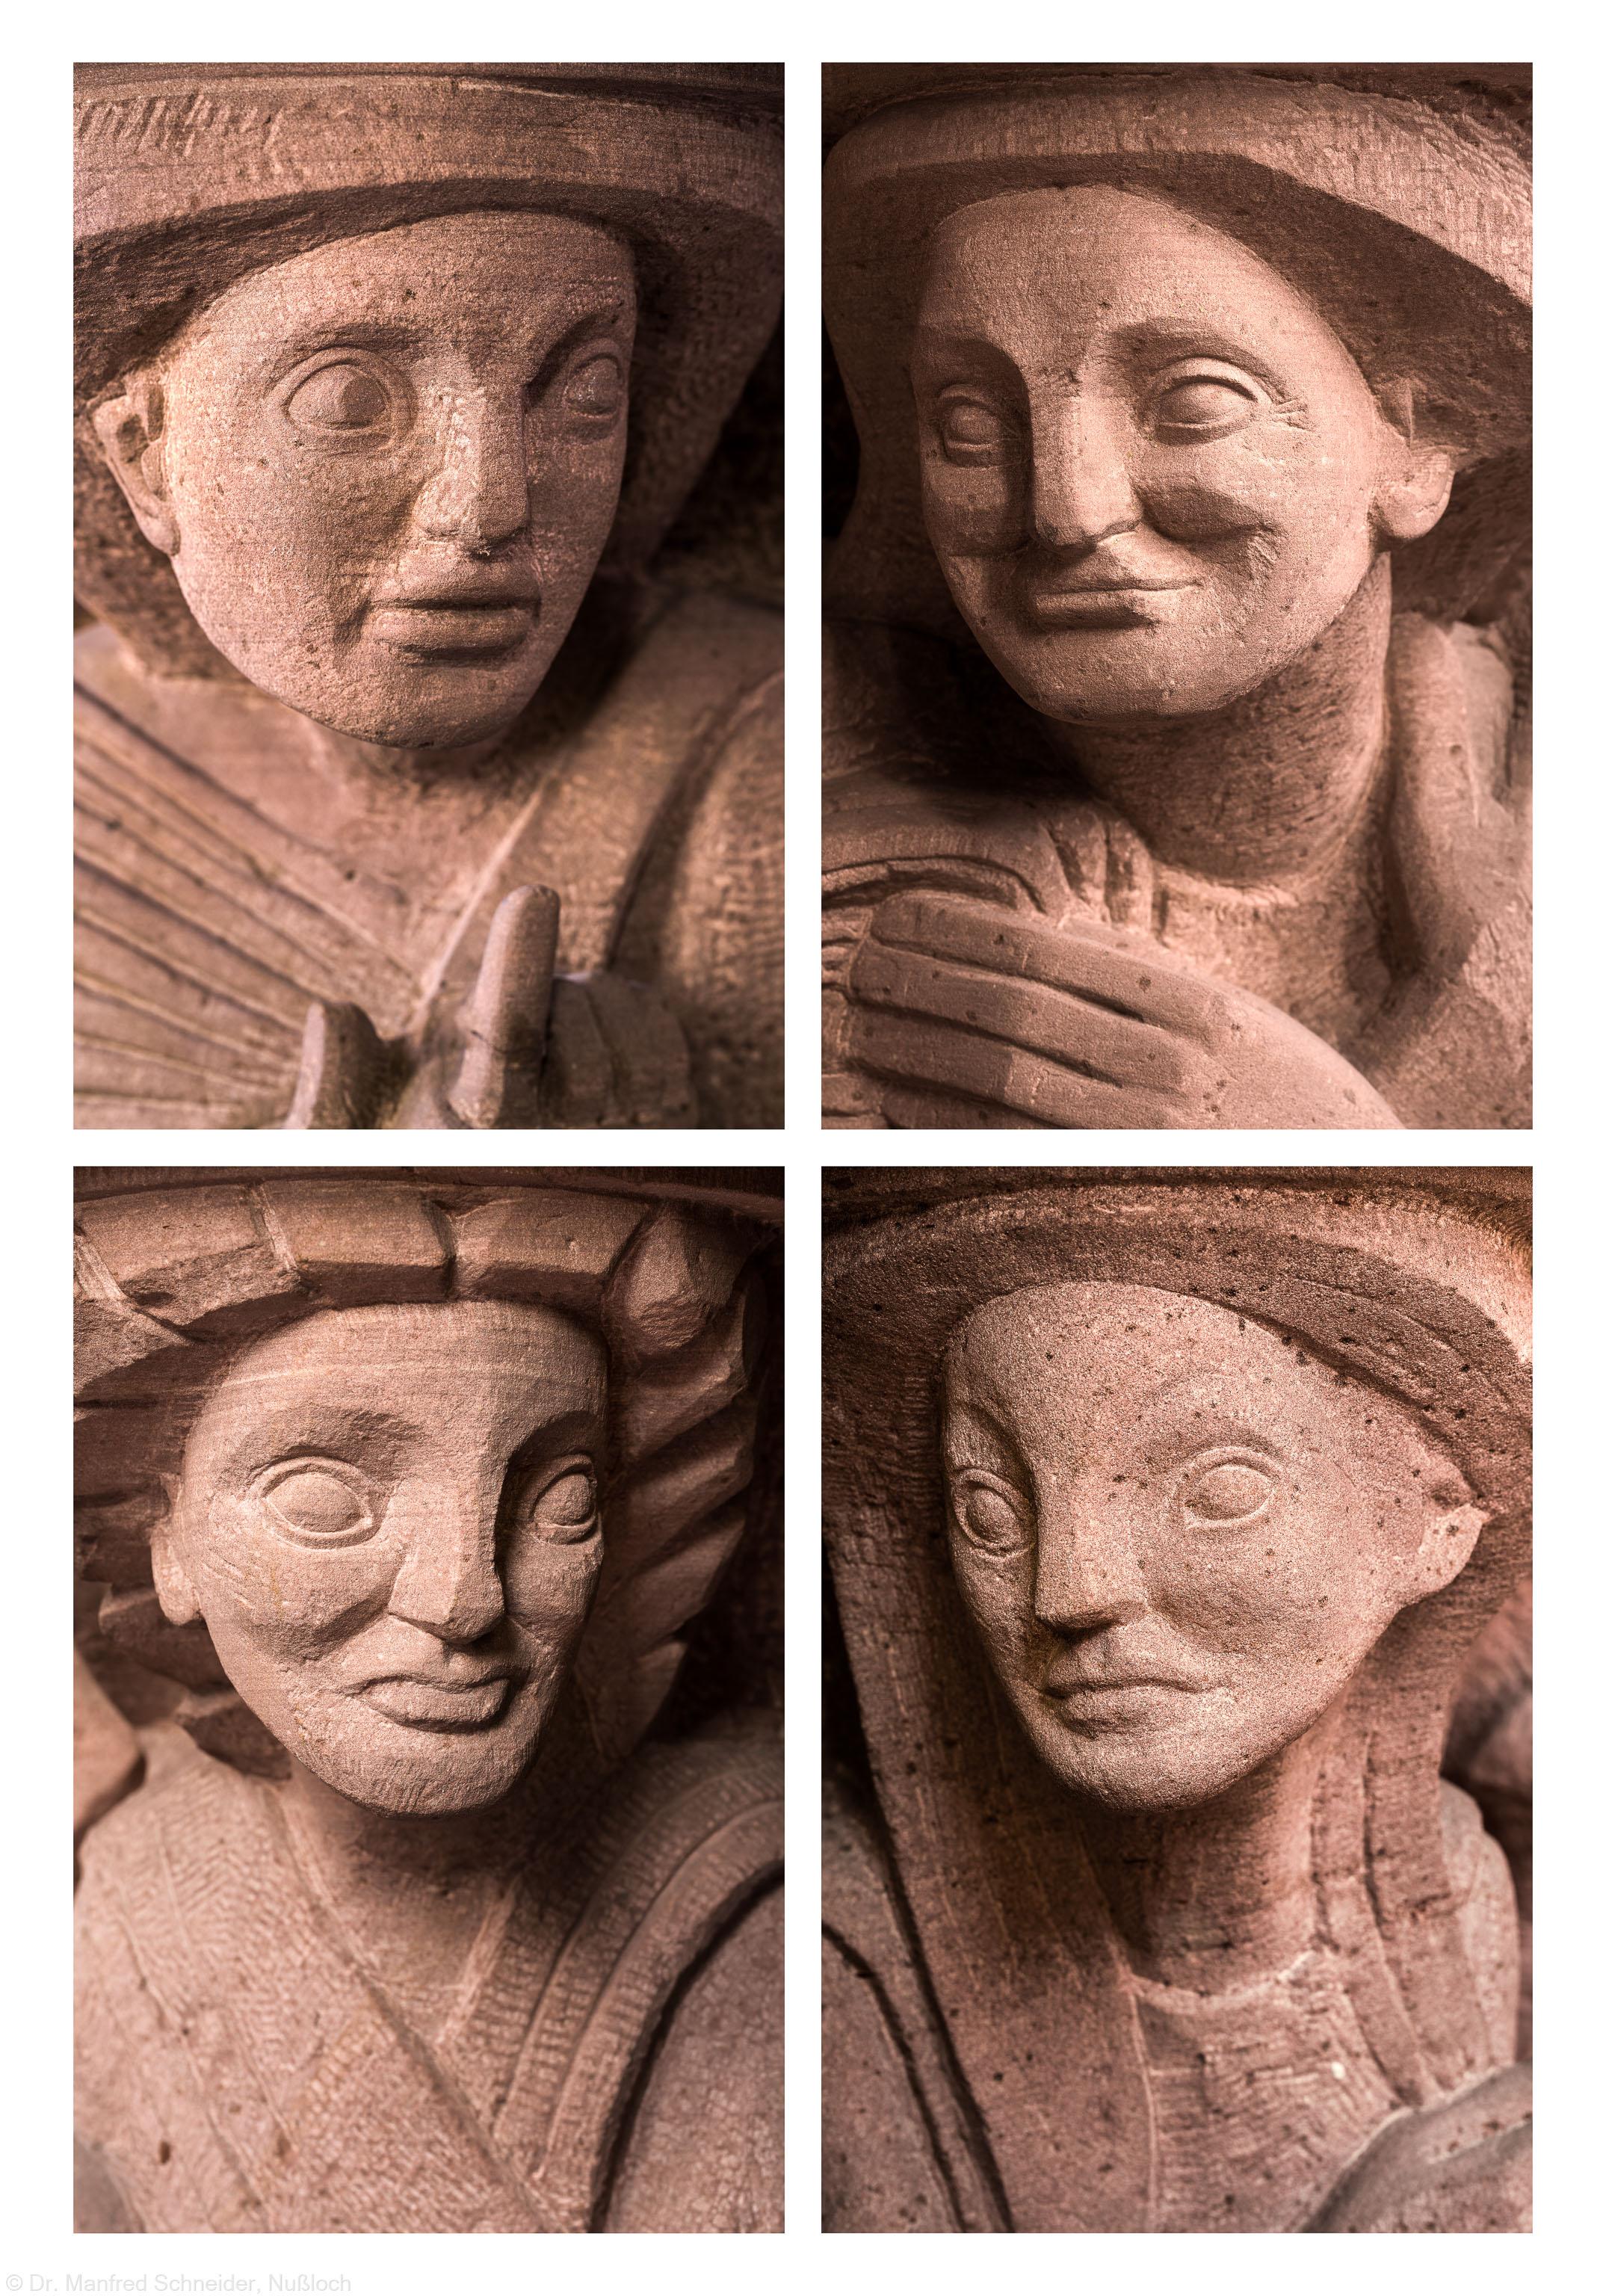 Heidelberg - Heiliggeistkirche - Altar von Edzard Hobbing - Alle 4 Genien (v.l.n.r.: Nordwest, Südwest, Südost, Nordost) (aufgenommen im November 2013, vormittags und nachmittags)